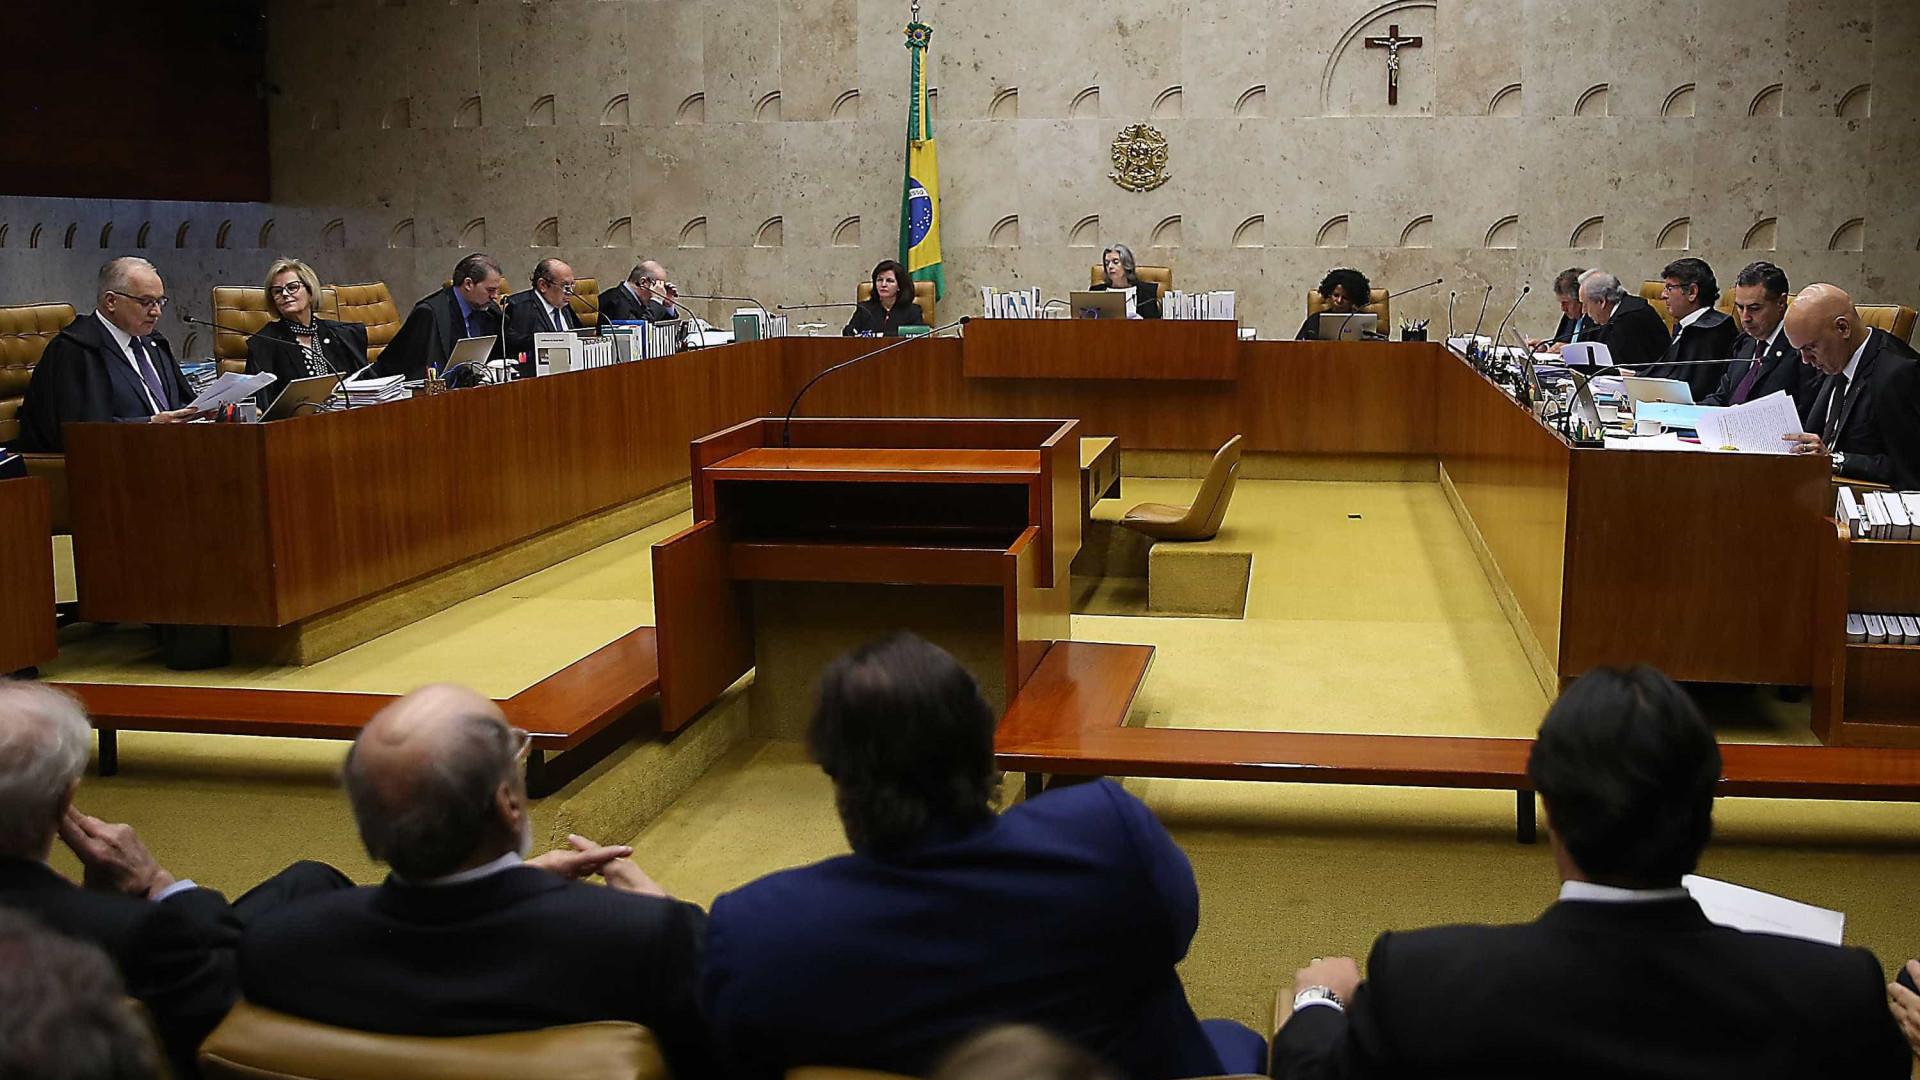 Placar no STF sobre prisão de Lula está 2 a 1 contra HC; veja ao vivo